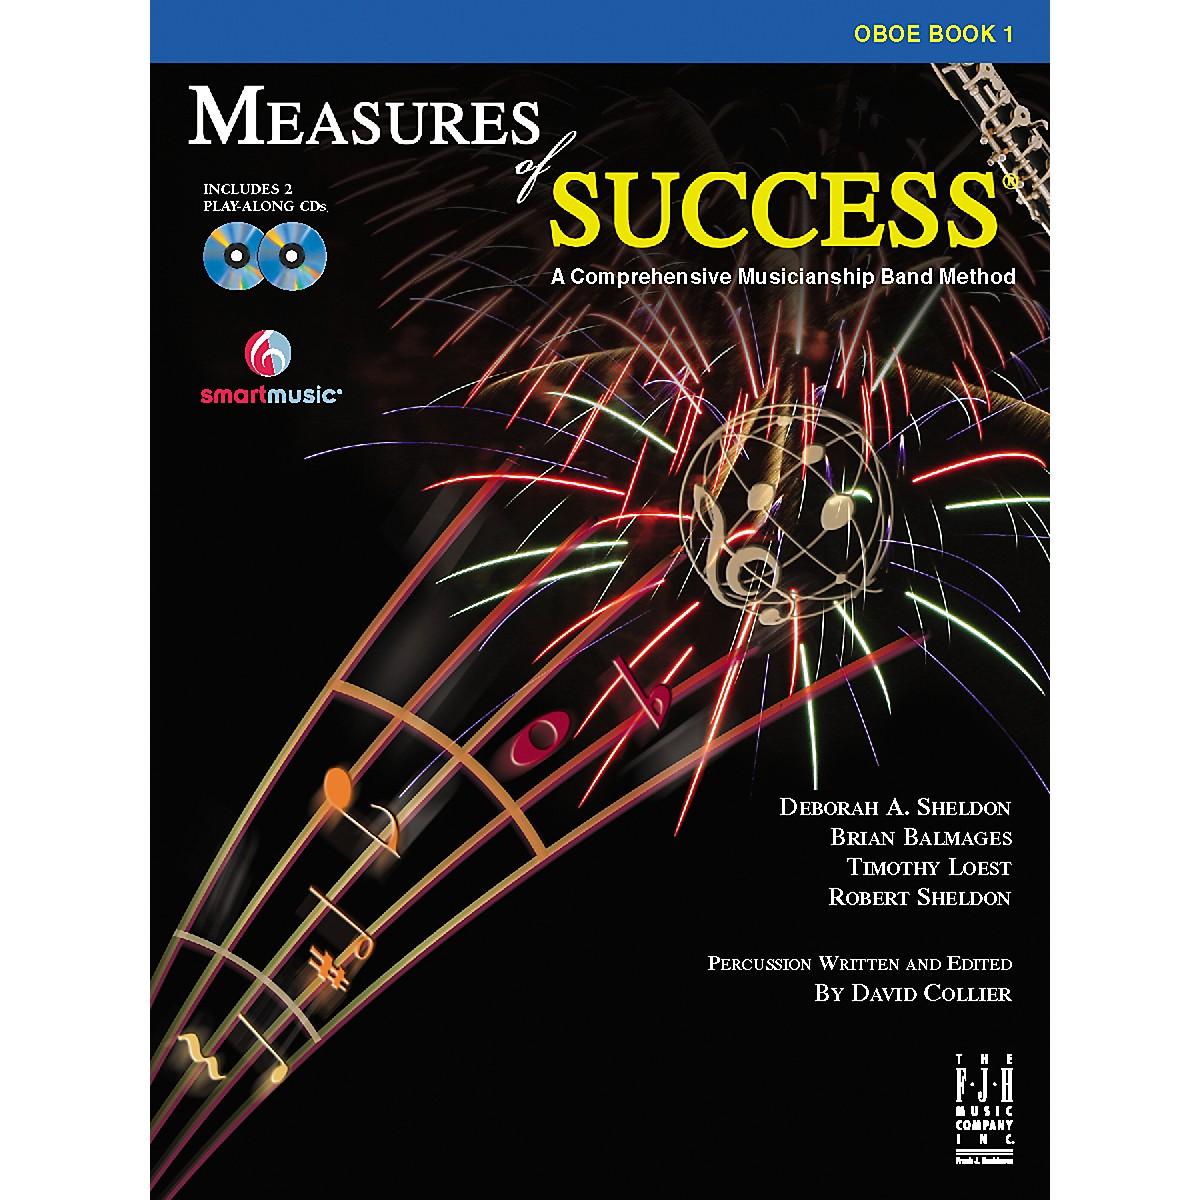 FJH Music Measures of Success Oboe Book 1